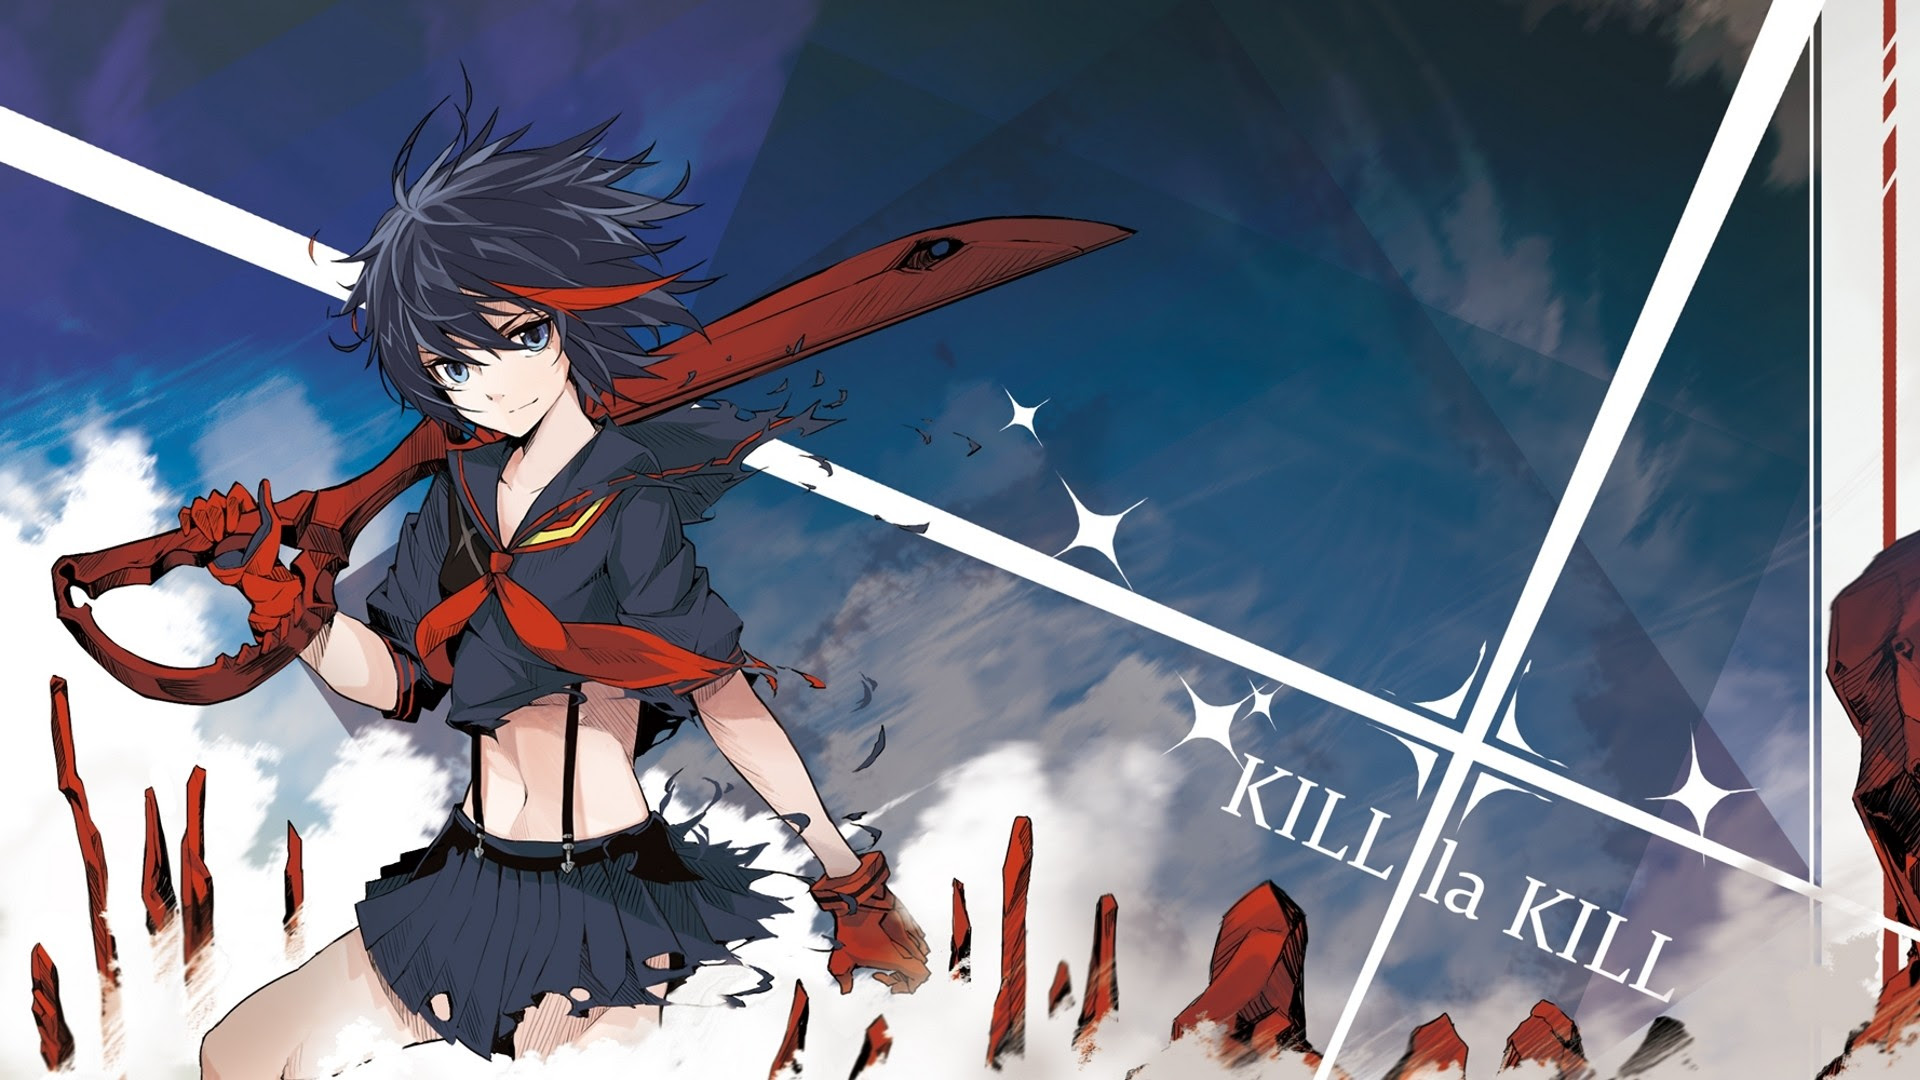 Kill La Kill Wallpaper 1366x768 62 Images